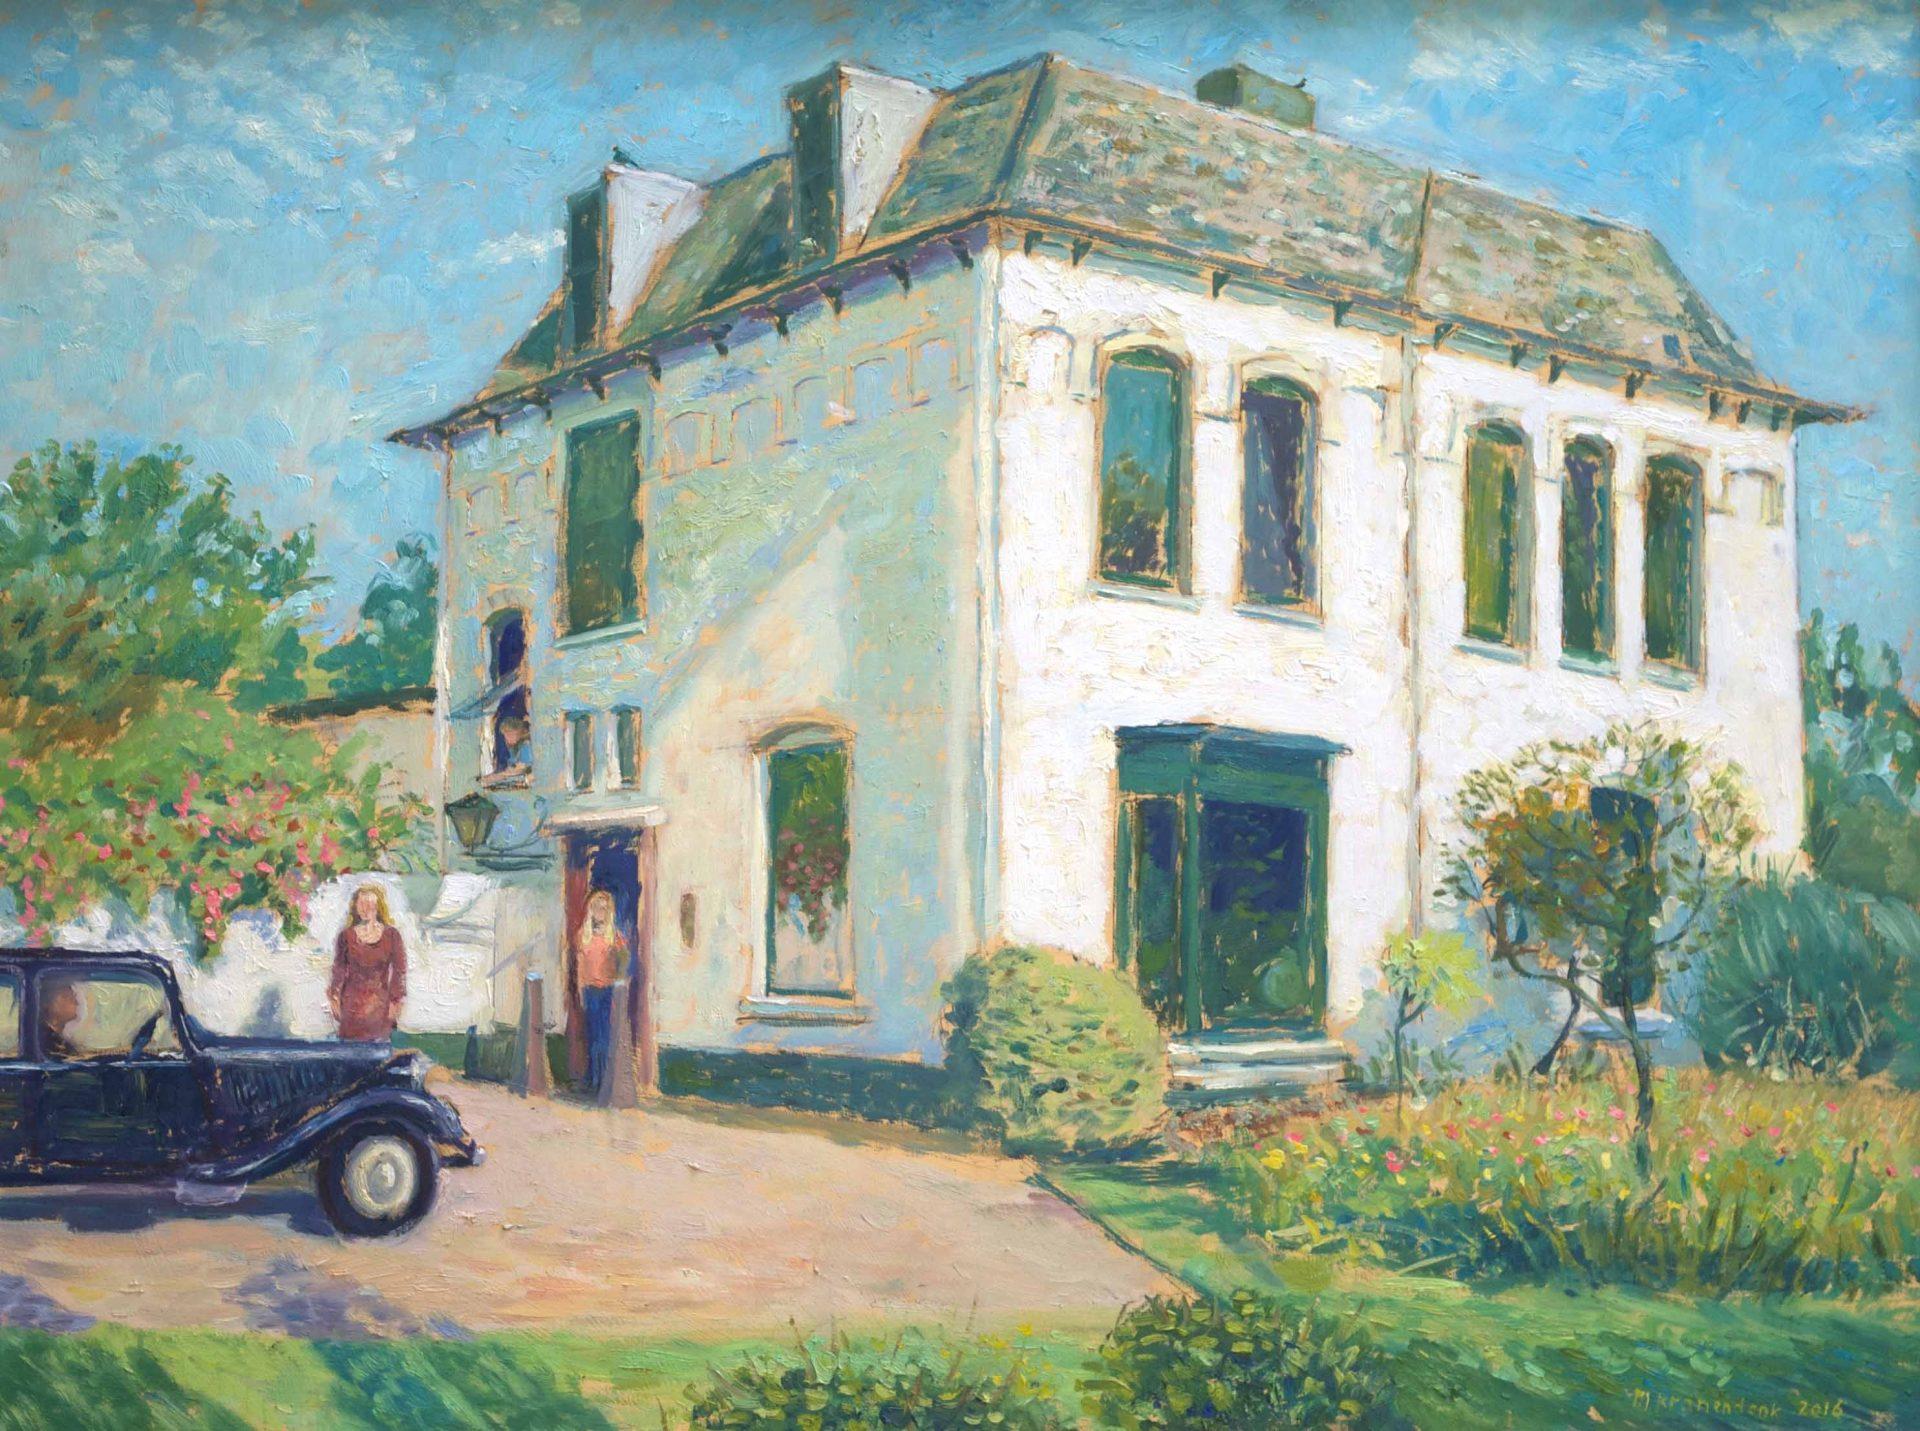 Huisportret in opdracht, zonnig olieverfschilderij van woonhuis en tuin met bewoners , aandenken, huwelijks jubileum cadeau